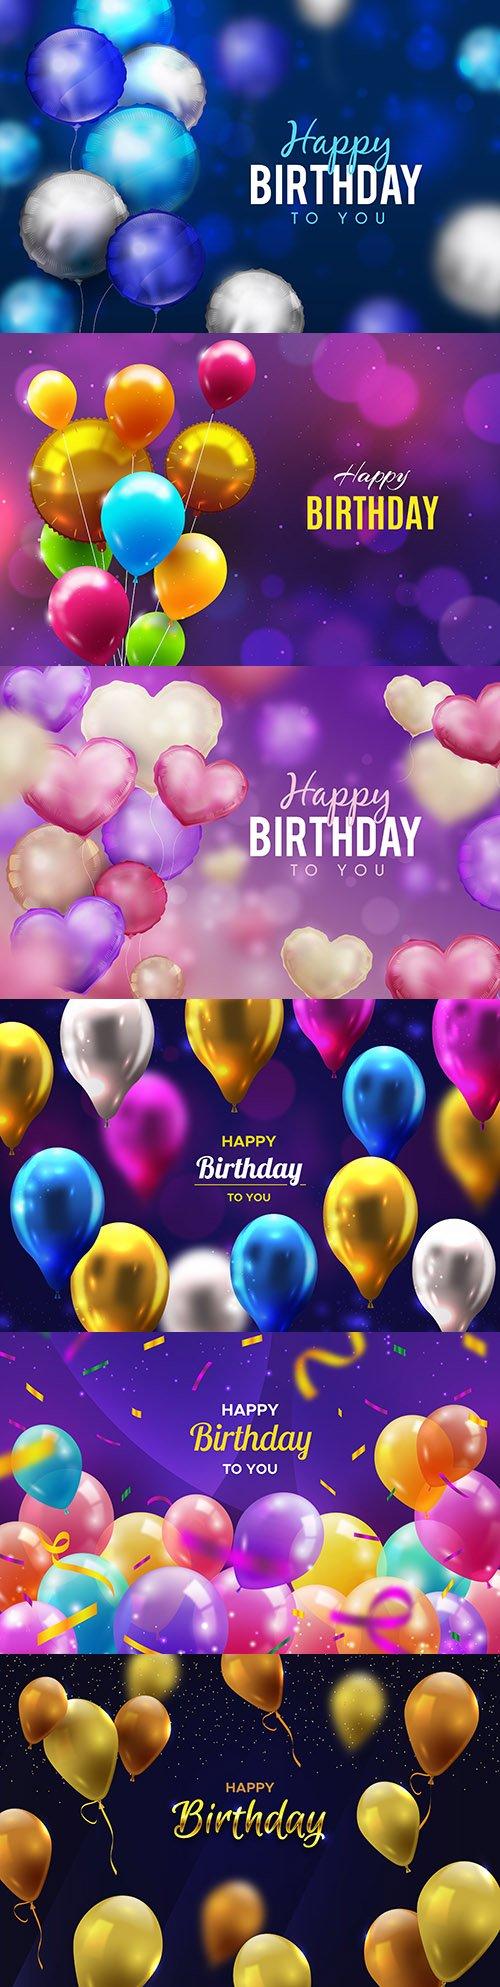 Happy birthday holiday invitation realistic balloons 11